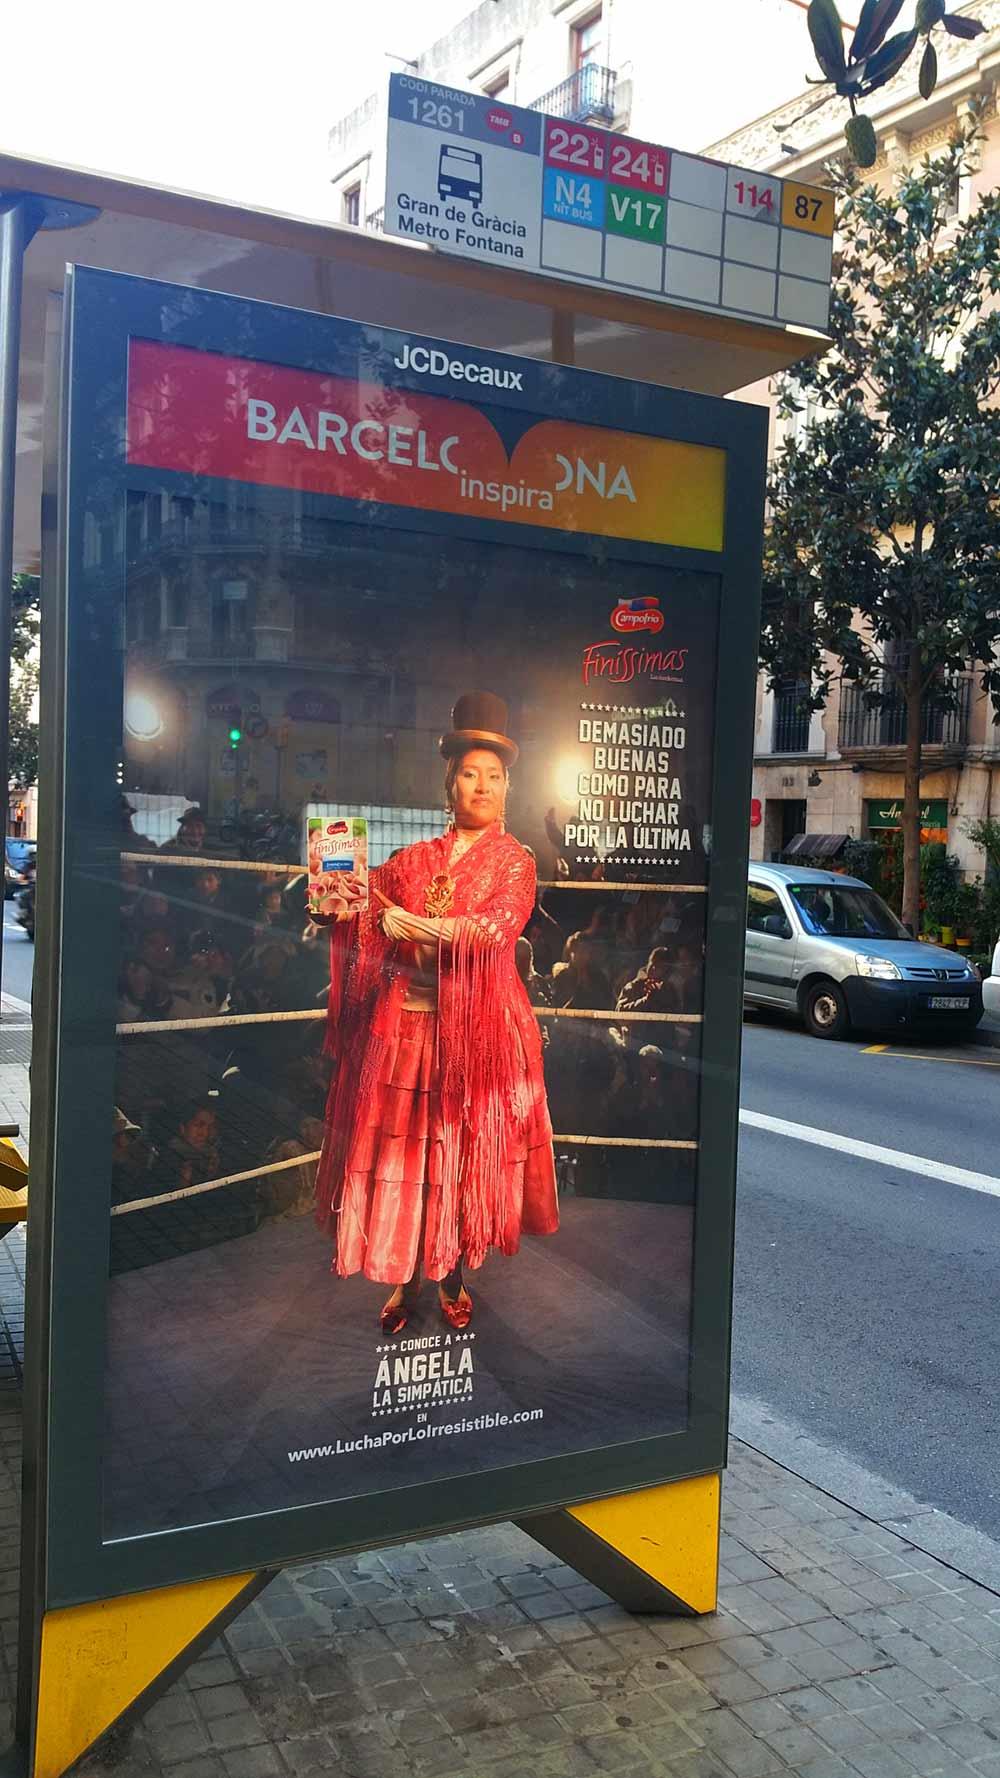 La multinacional Campofrío lanzó a finales de Agosto una campaña para Finíssimas (fiambre de pavo), en donde las protagonistas son cholitas luchadoras.